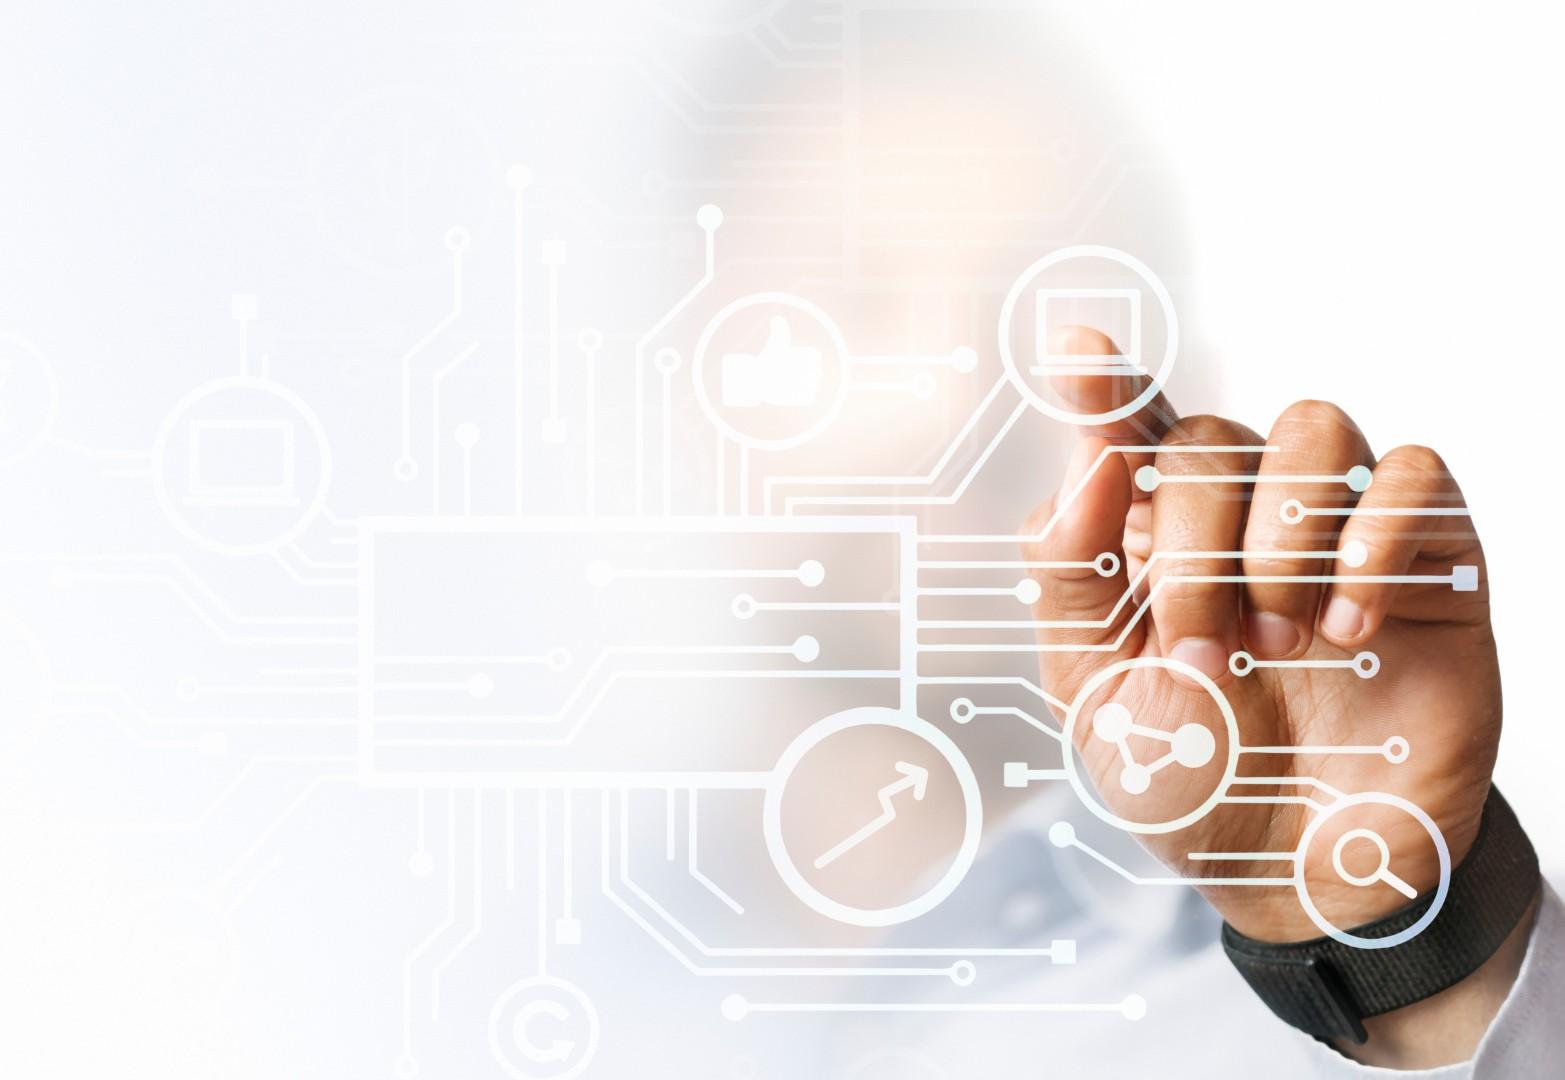 Big Data e Inteligência Analítica: 7 erros que você jamais deve cometer